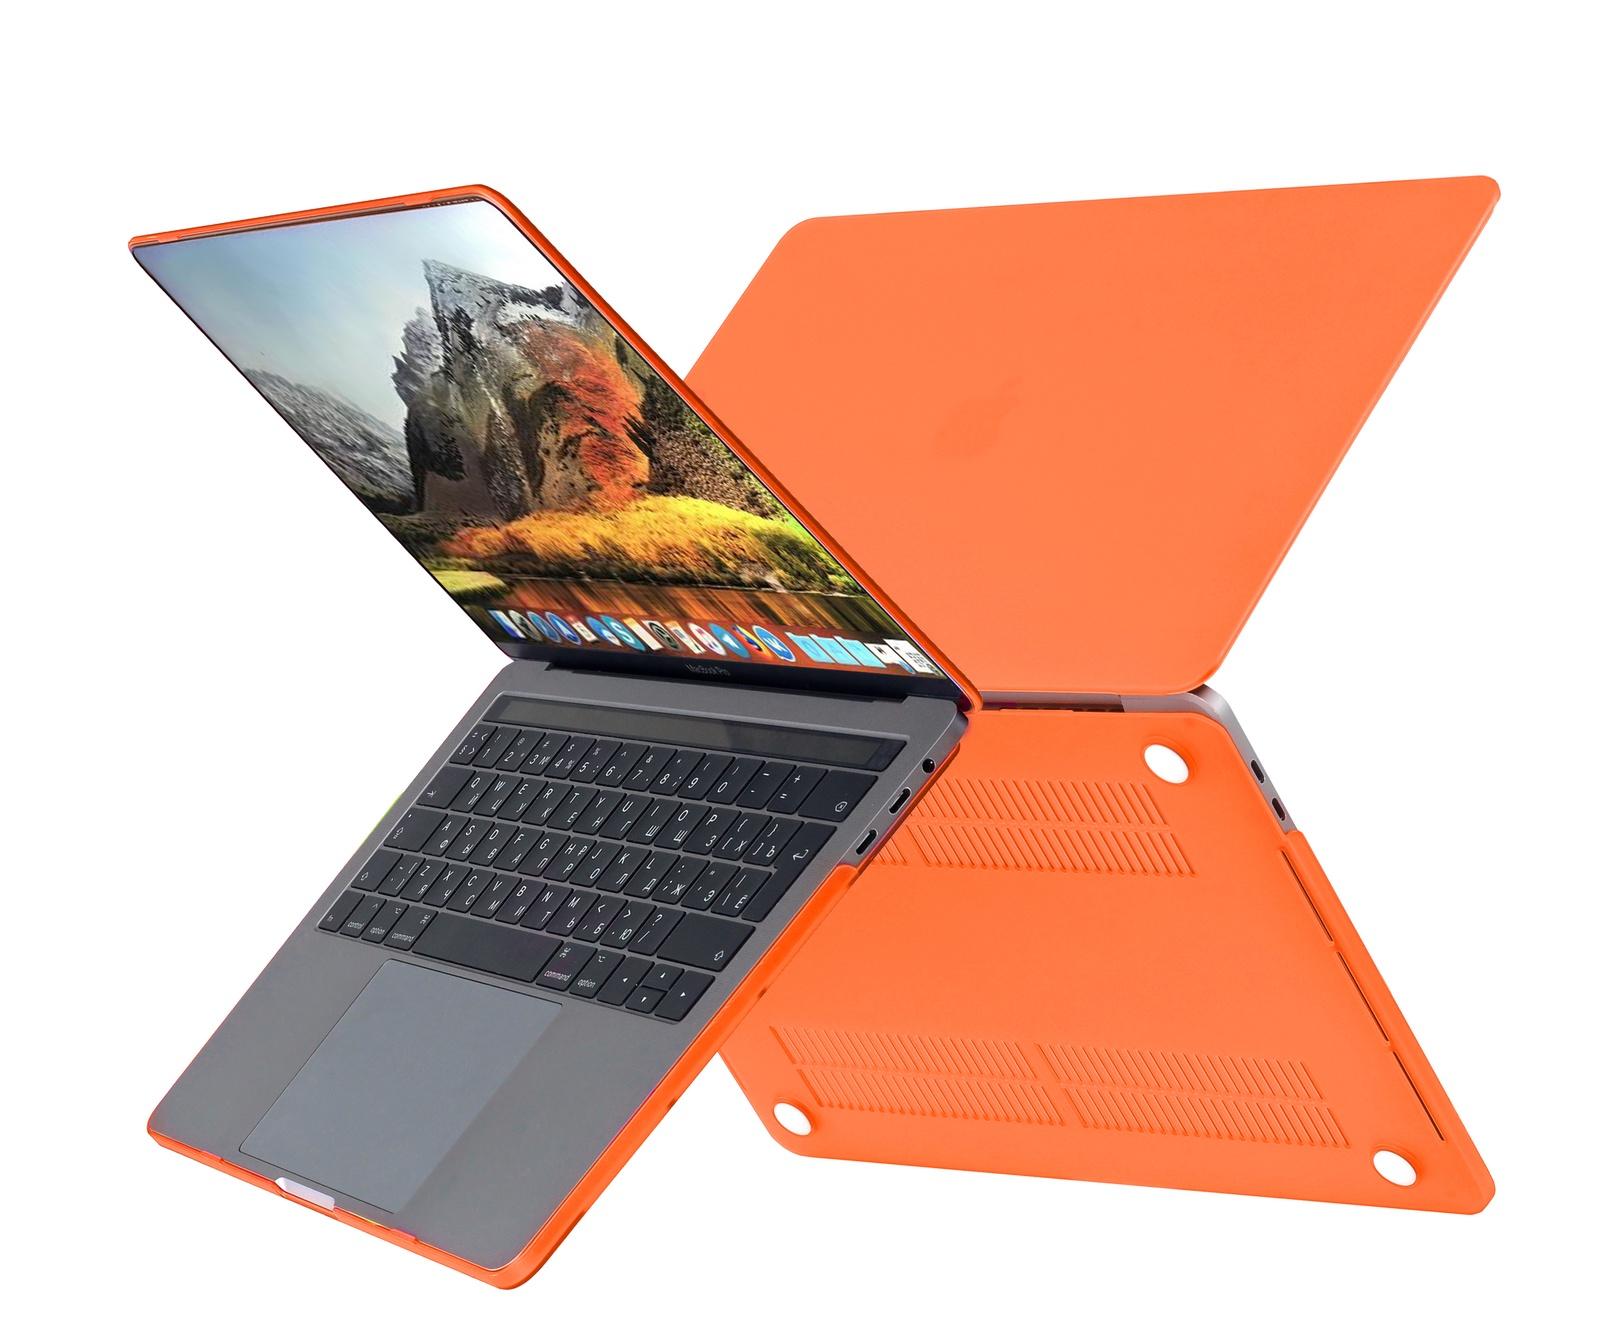 цена на Чехол HardShell Case для Macbook Pro 15 Retina, оранжевый